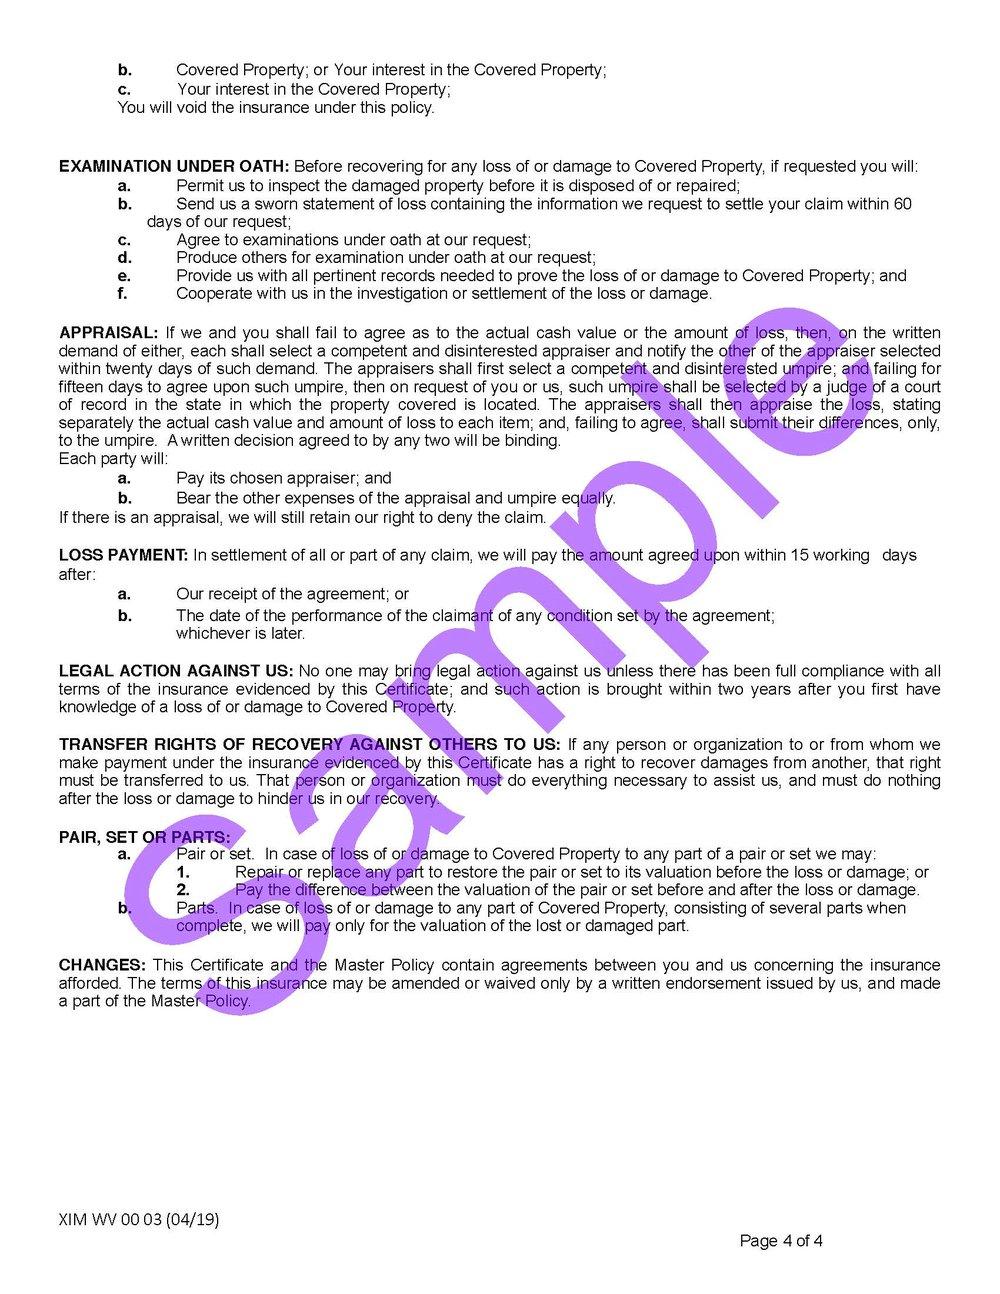 XIM WV 00 03 04 19 West Virginia Certificate of InsuranceSample_Page_4.jpg